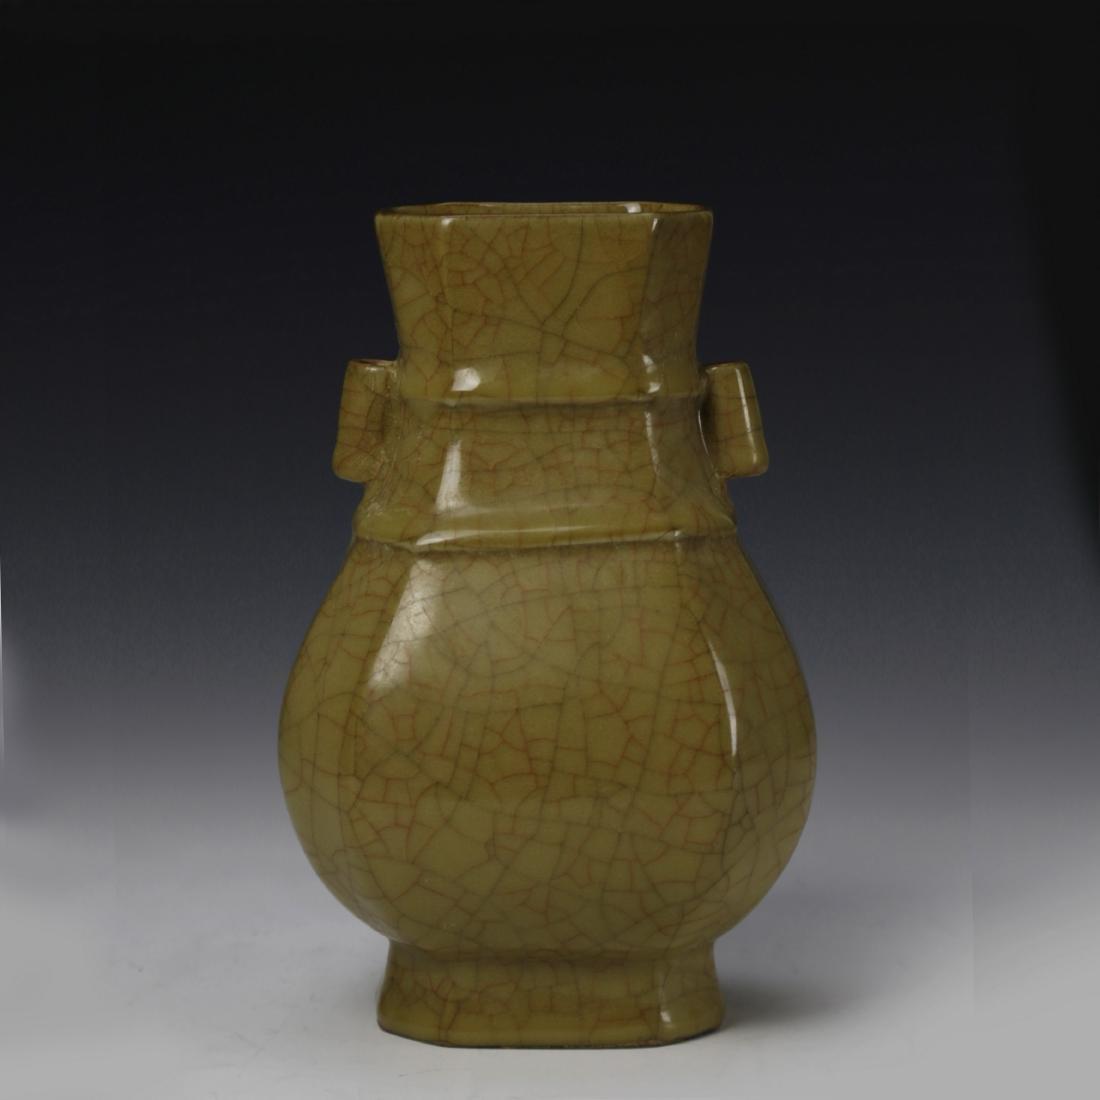 Chinese Ge-Type Vase